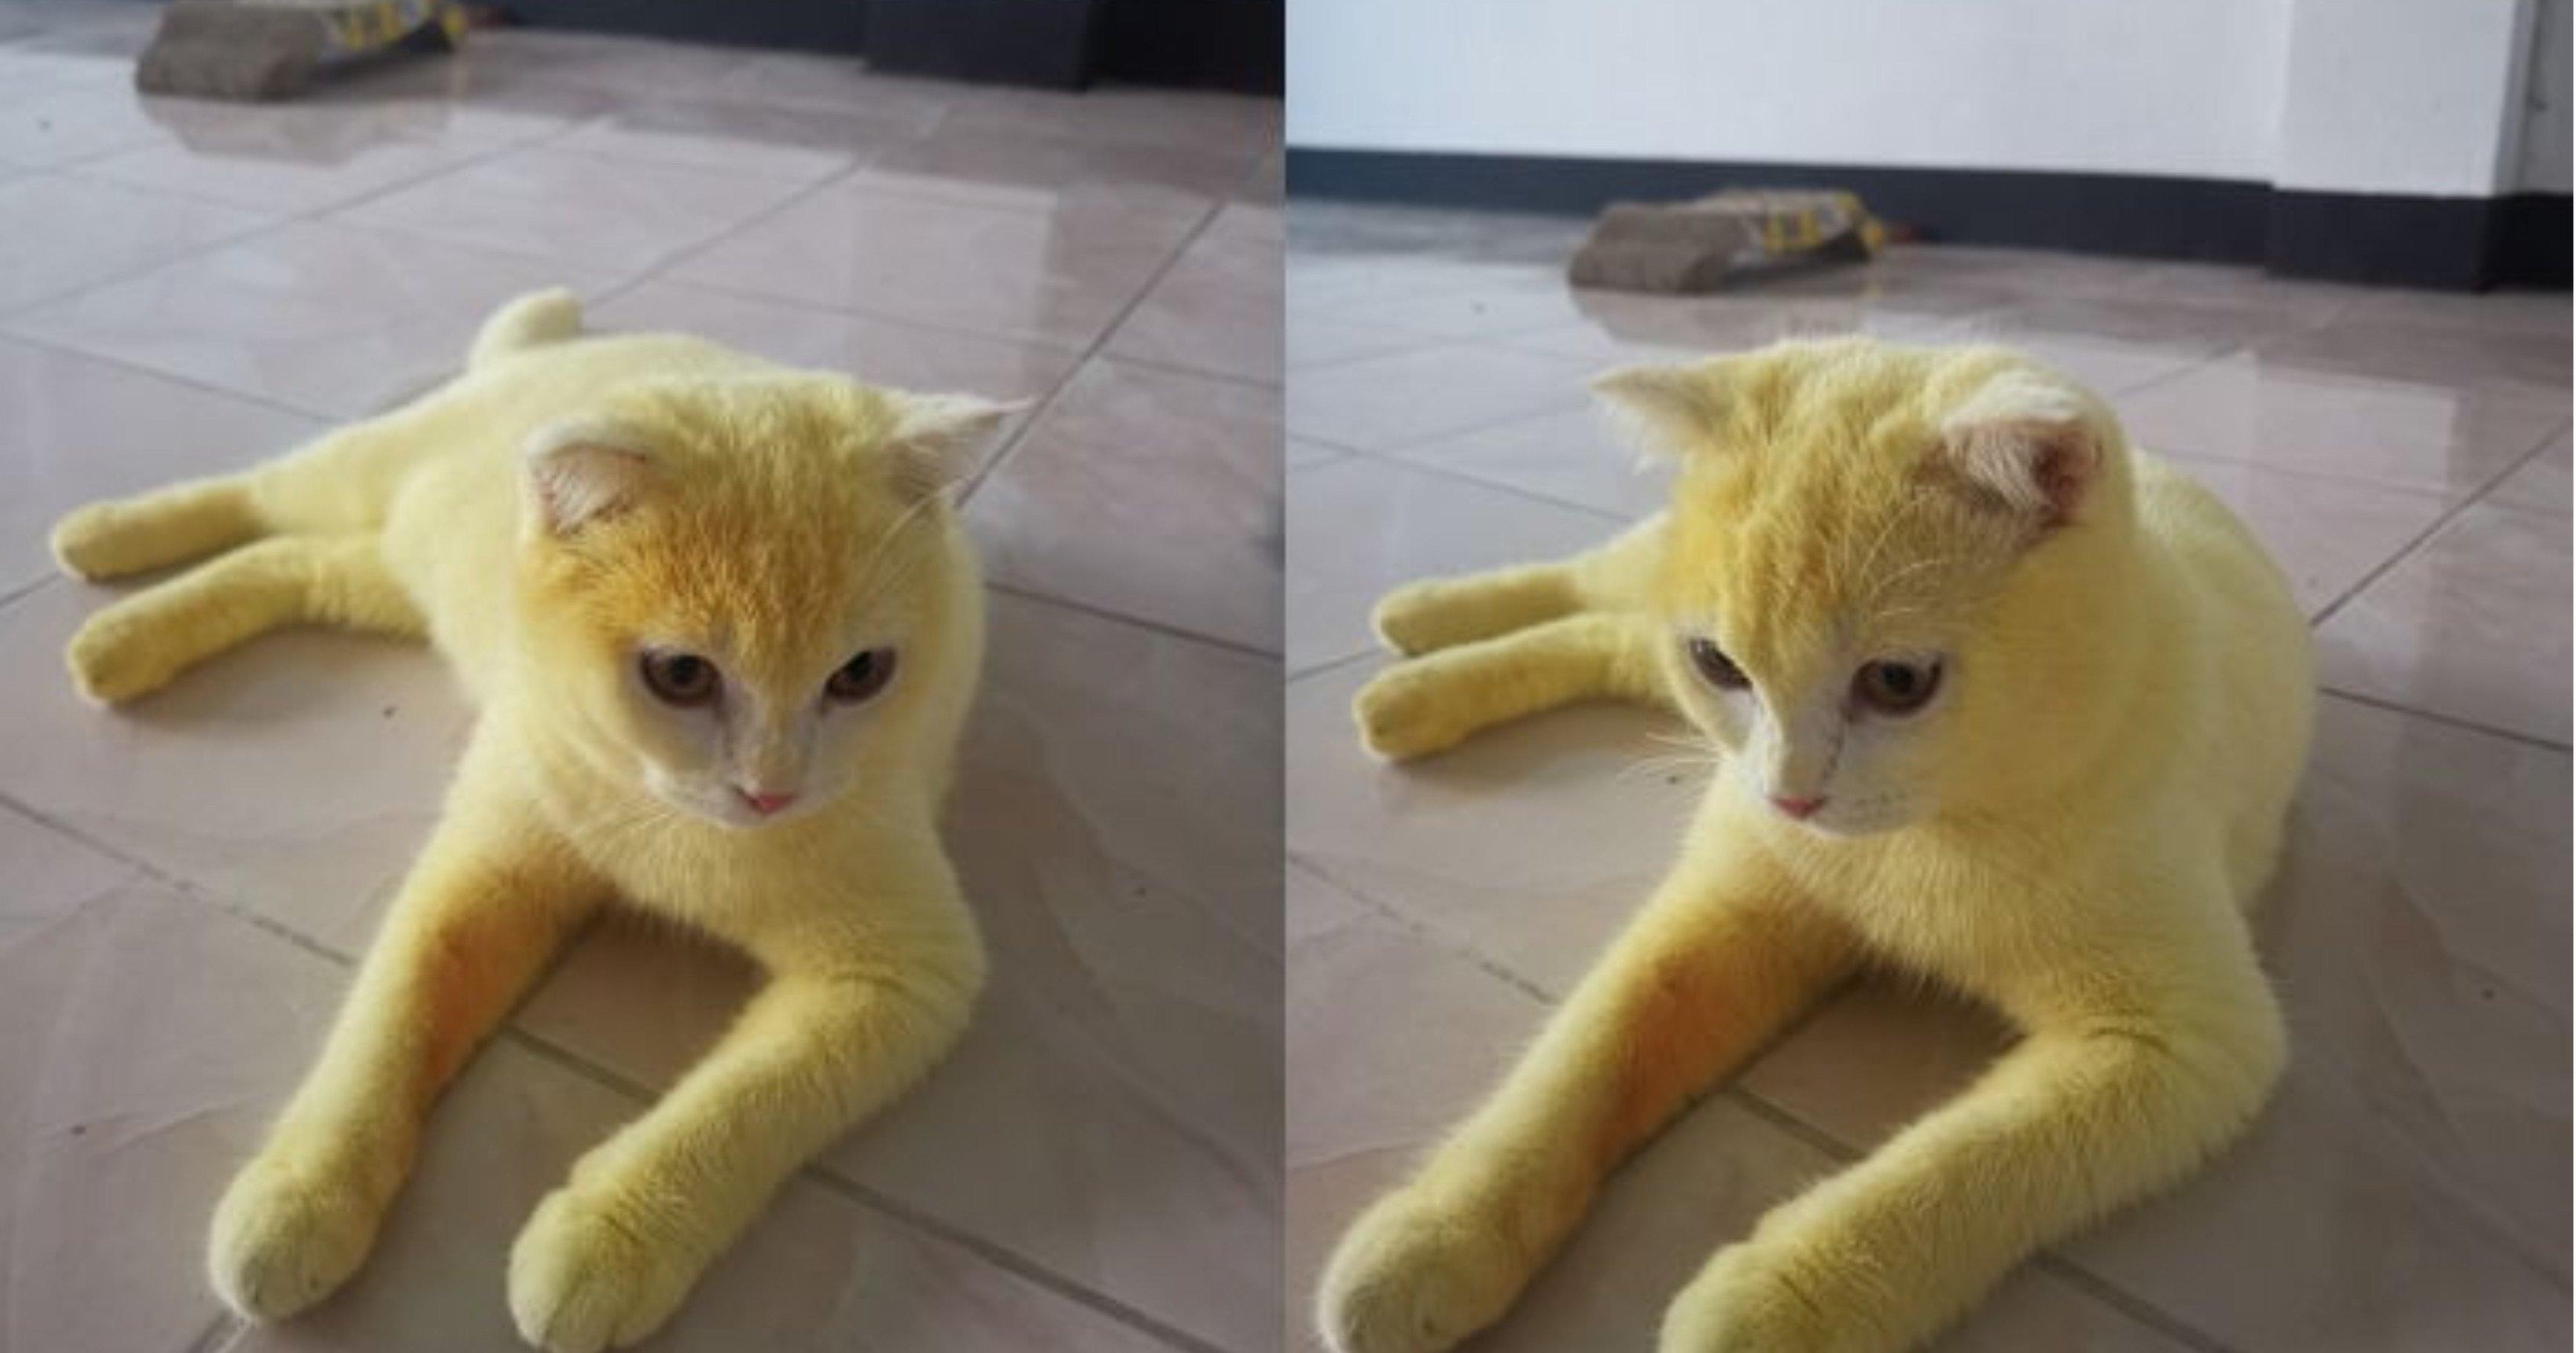 """eab3a0ec9691ec9db4 ec8db8eb84ac.jpg?resize=412,232 - """"억울해요...""""...고양이의 온몸을 노랗게 염색해 동물 학대라 욕먹은 집사가 전한 진짜 이유"""